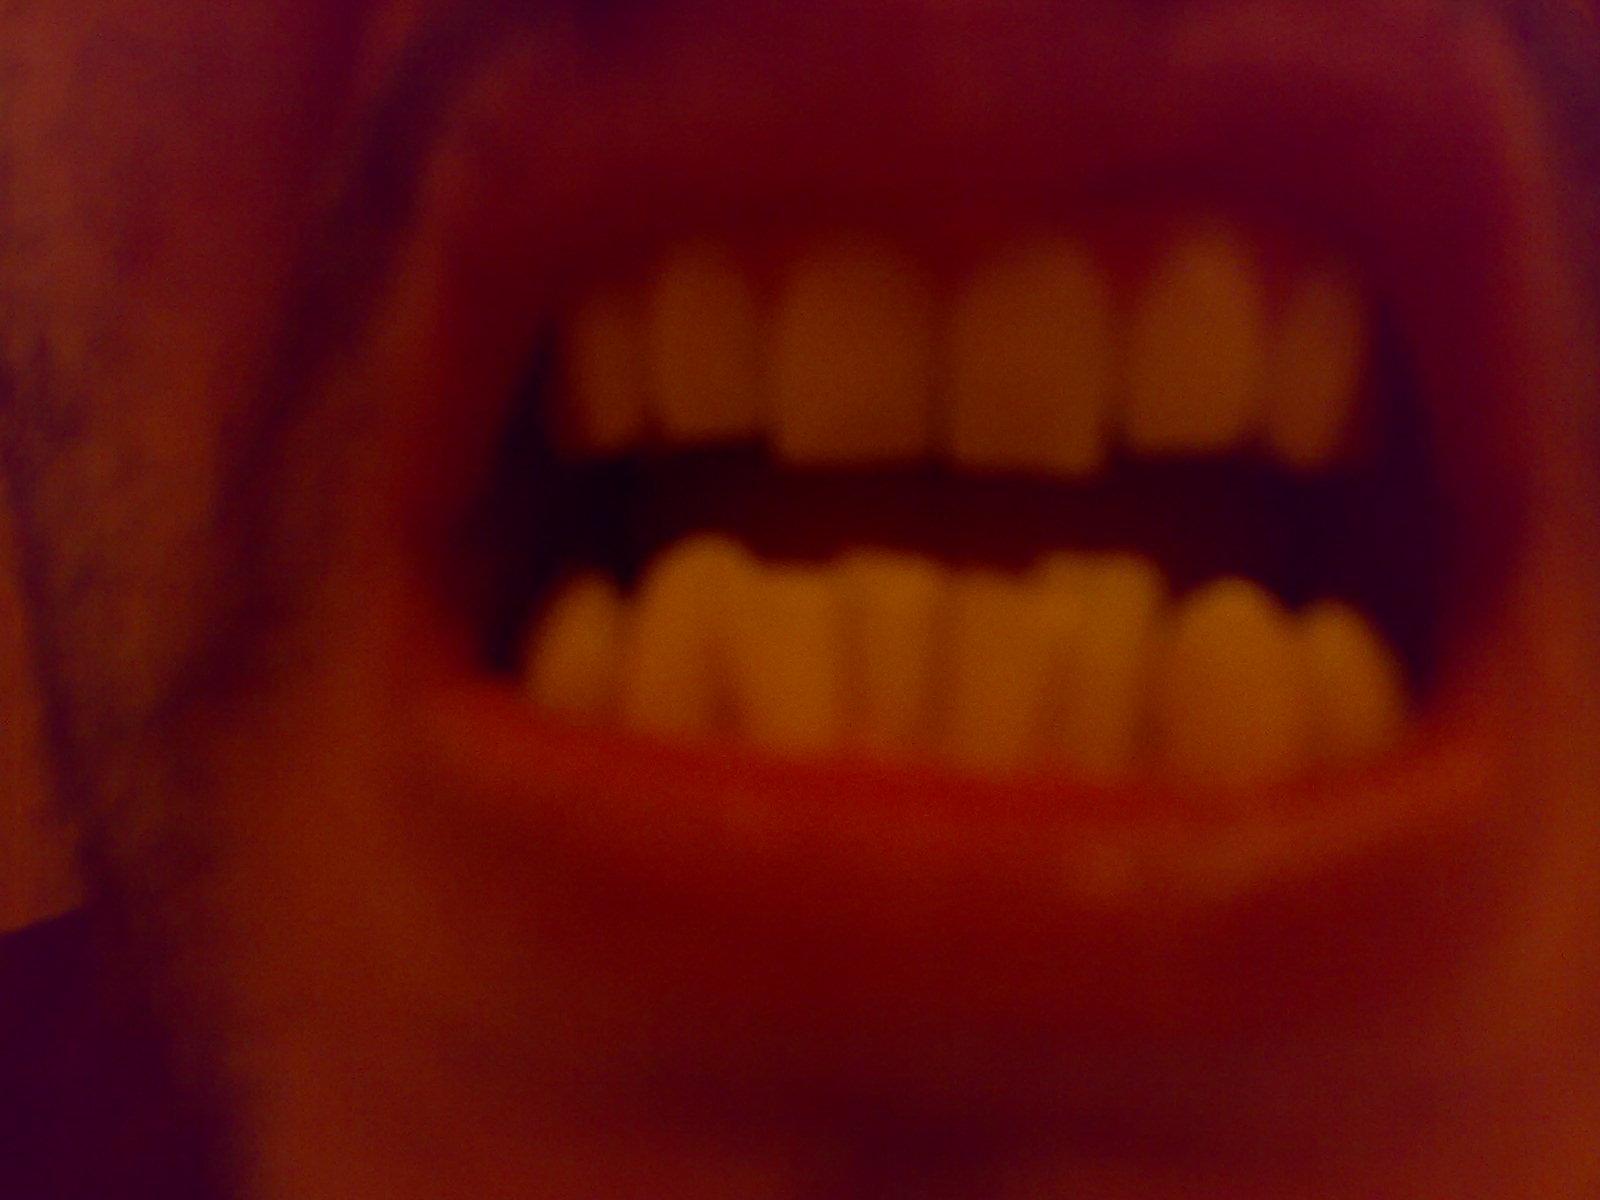 Ho 30 anni e vorrei correggere le arcate dentarie inferiore e superiore